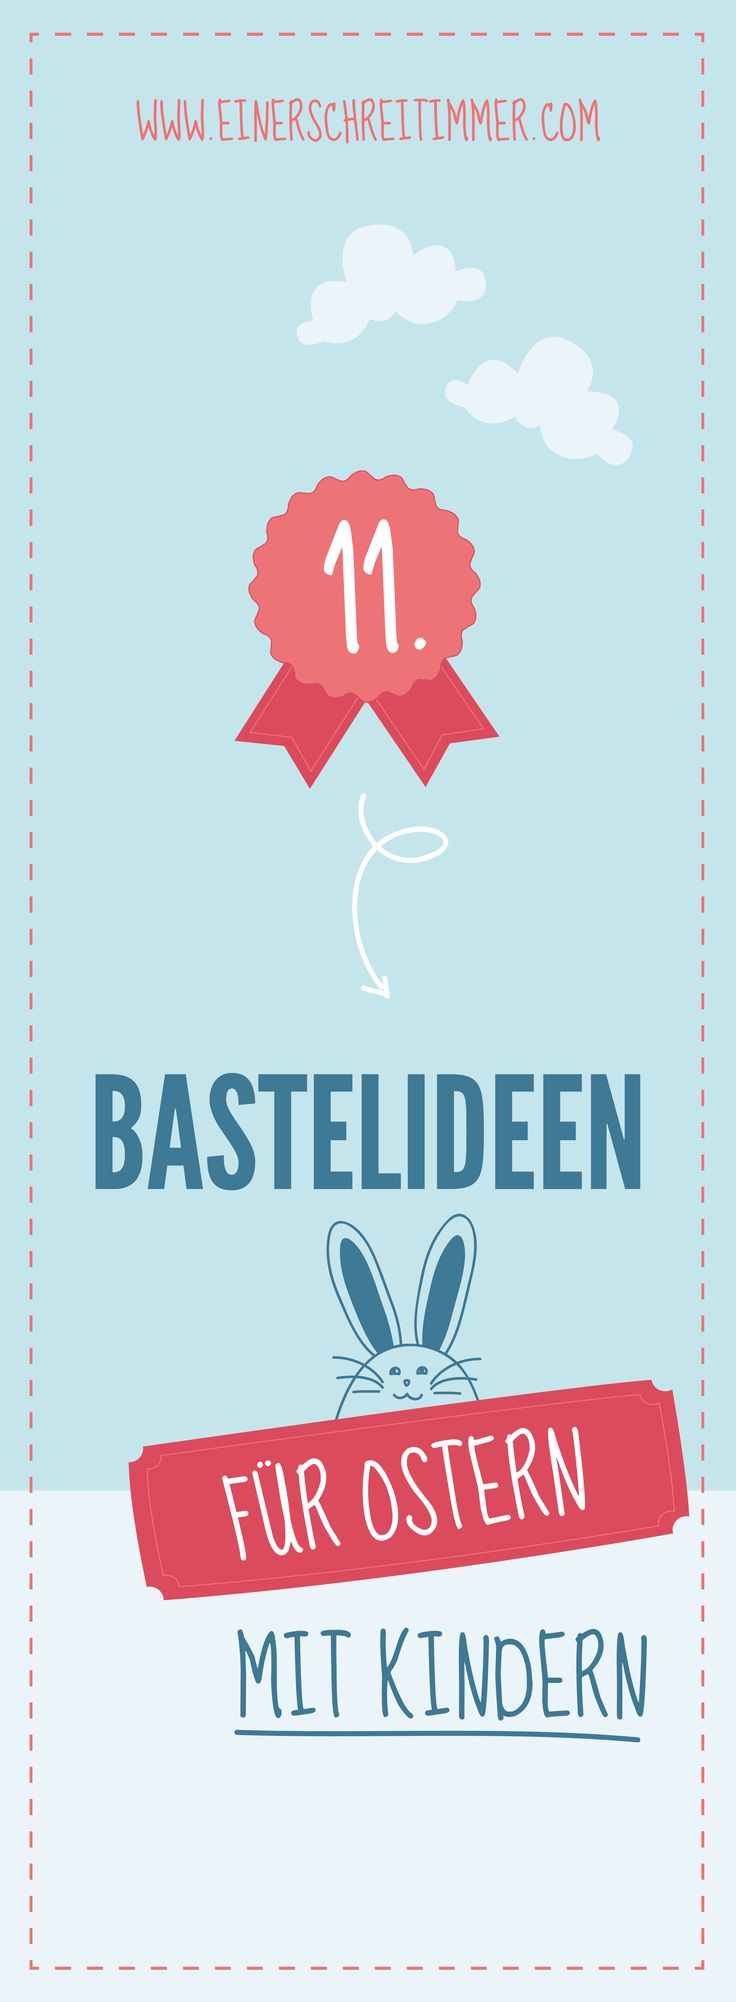 """Basteln mit Kindern zu Ostern: Egal wie das Wetter zu Ostern ist, wir haben die perfekten Ideen für bastelfreudige Kinder. Die schönsten Geschenke um zu sagen: """"Frohe Ostern""""!"""